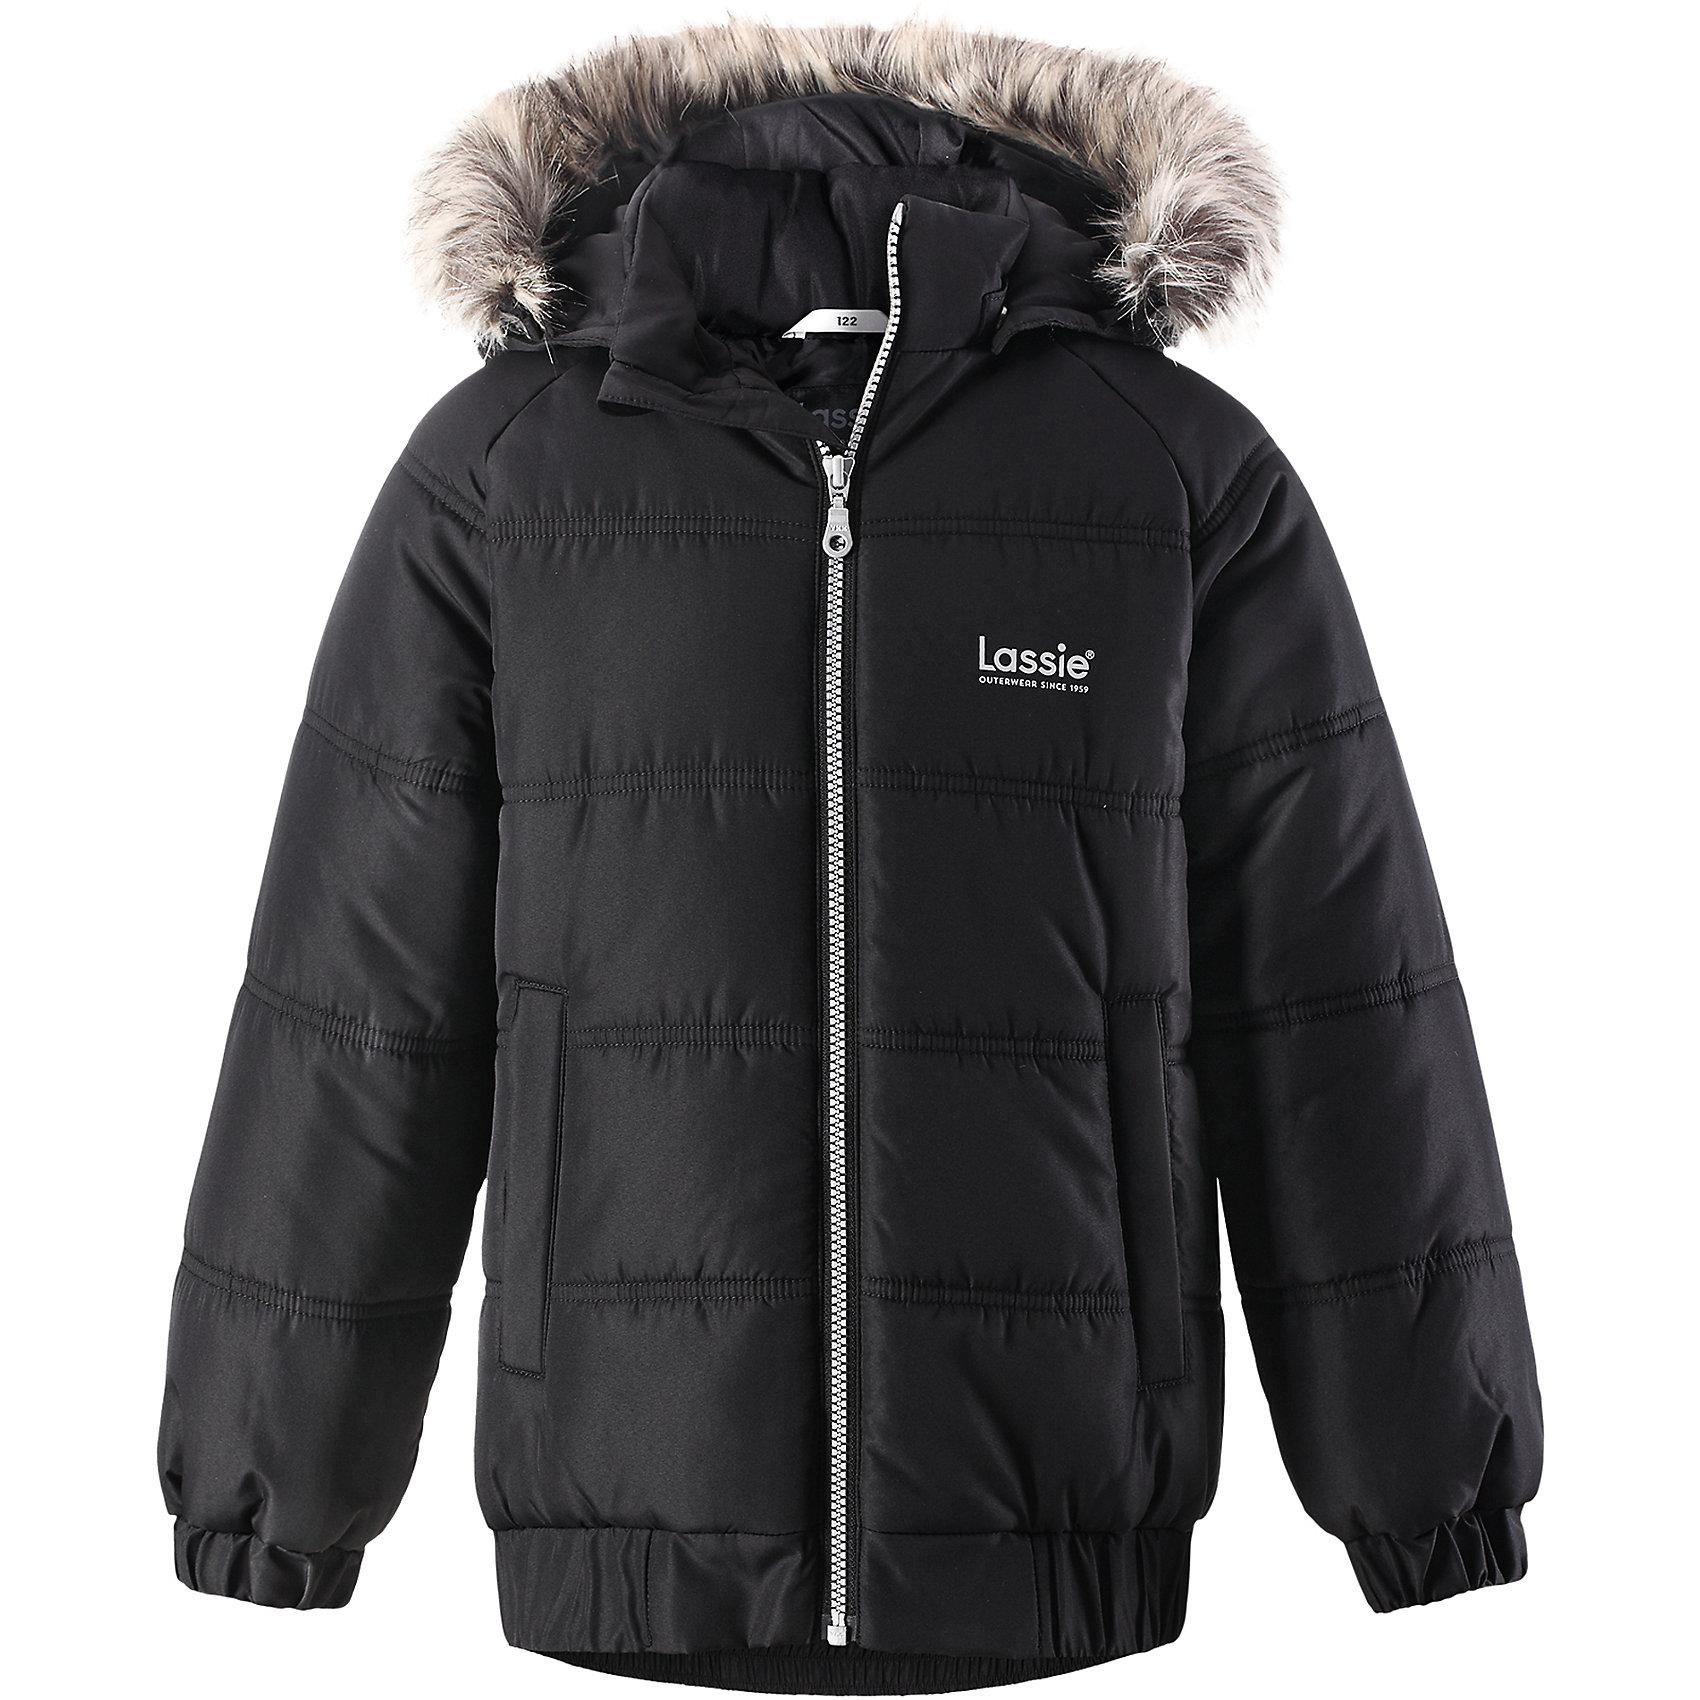 Куртка Lassie для мальчикаОдежда<br>Характеристики товара:<br><br>• цвет: черный;<br>• состав: 100% полиэстер, полиуретановое покрытие;<br>• подкладка: 100% полиэстер;<br>• утеплитель: 200 г/м2;<br>• сезон: зима;<br>• температурный режим: от 0 до -25С;<br>• водонепроницаемость: 1000 мм;<br>• воздухопроницаемость: 1000 мм;<br>• износостойкость: 20000 циклов (тест Мартиндейла);<br>• особенности: с мехом;<br>• застежка: молния с дополнительной защитной планкой и защитой подбородка;<br>• водоотталкивающий, ветронепроницаемый и дышащий материал;<br>• гладкая подкладка из полиэстера;<br>• безопасный съемный капюшон; <br>• съемный искусственный мех на капюшоне;<br>• эластичные манжеты рукавов; <br>• эластичная кромка подола;<br>• два прорезных кармана;<br>• светоотражающие детали;<br>• страна бренда: Финляндия;<br>• страна изготовитель: Китай;<br><br>Классная куртка на зимние холода! Эта зимняя куртка сшита из водоотталкивающего, ветронепроницаемого и дышащего материала. Она снабжена безопасным съемным капюшоном, а съемная оторочка из искусственного меха оживляет образ.<br><br>Куртку Lassie (Ласси) для мальчика можно купить в нашем интернет-магазине.<br><br>Ширина мм: 356<br>Глубина мм: 10<br>Высота мм: 245<br>Вес г: 519<br>Цвет: черный<br>Возраст от месяцев: 108<br>Возраст до месяцев: 120<br>Пол: Мужской<br>Возраст: Детский<br>Размер: 140,92,98,104,110,116,122,128,134<br>SKU: 6927661